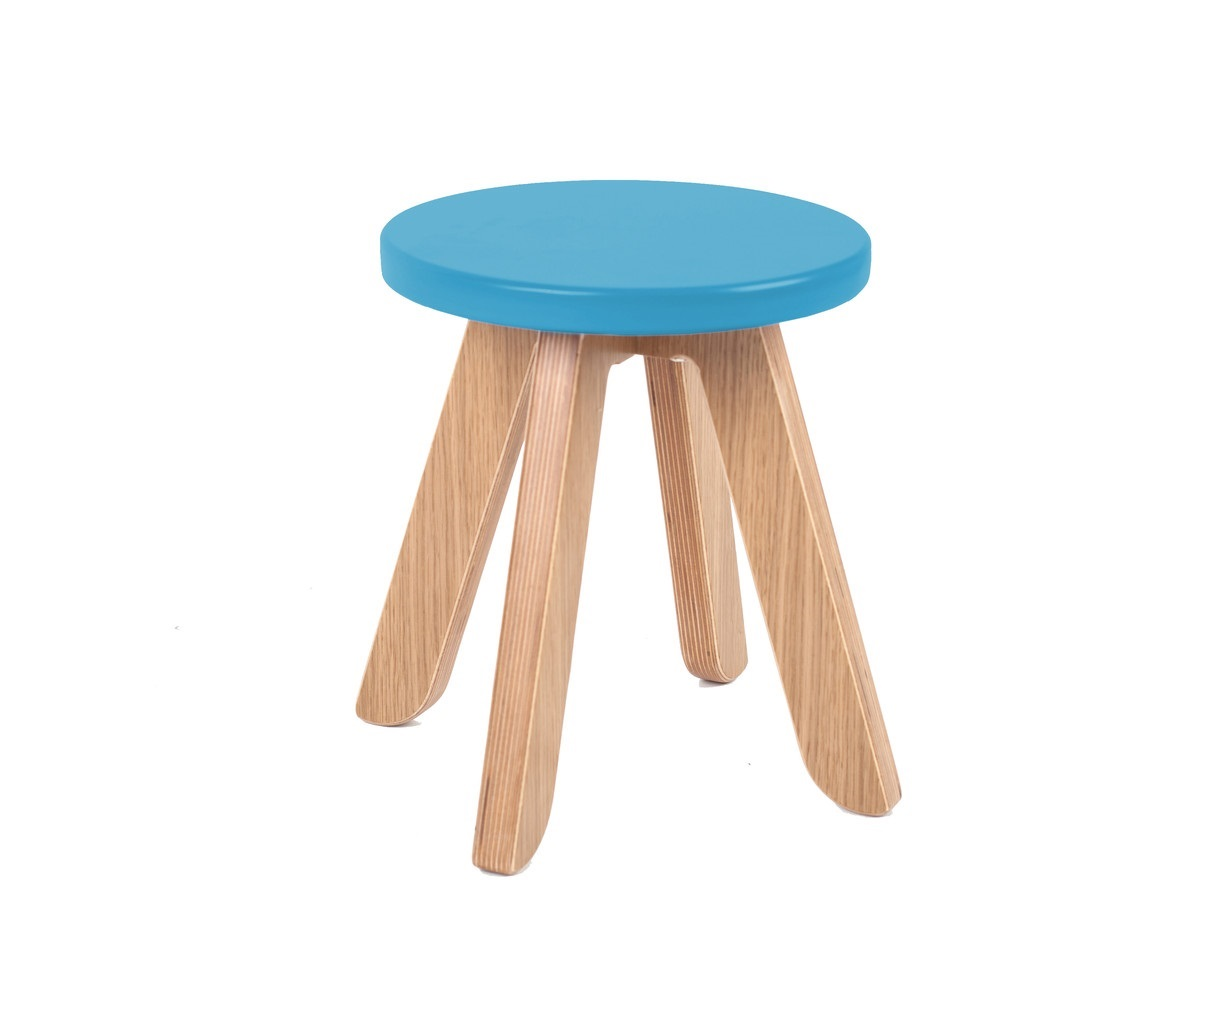 Табурет MalevichДетские табуреты<br>Табурет составит отличную компанию столу и стулу. Например, на нем удобно расположить принадлежности для рисования, когда стол используется в положении мольберта. Наличие табурета также позволит маме сидеть за столом на одном уровне с ребенком.&amp;amp;nbsp;&amp;lt;span style=&amp;quot;font-size: 14px;&amp;quot;&amp;gt;&amp;amp;nbsp;&amp;lt;/span&amp;gt;&amp;lt;div style=&amp;quot;font-size: 14px;&amp;quot;&amp;gt;&amp;lt;br&amp;gt;&amp;lt;/div&amp;gt;&amp;lt;div style=&amp;quot;font-size: 14px;&amp;quot;&amp;gt;Материал: березовая фанера, дубовый шпон.&amp;lt;/div&amp;gt;<br><br>Material: Фанера<br>Высота см: 34